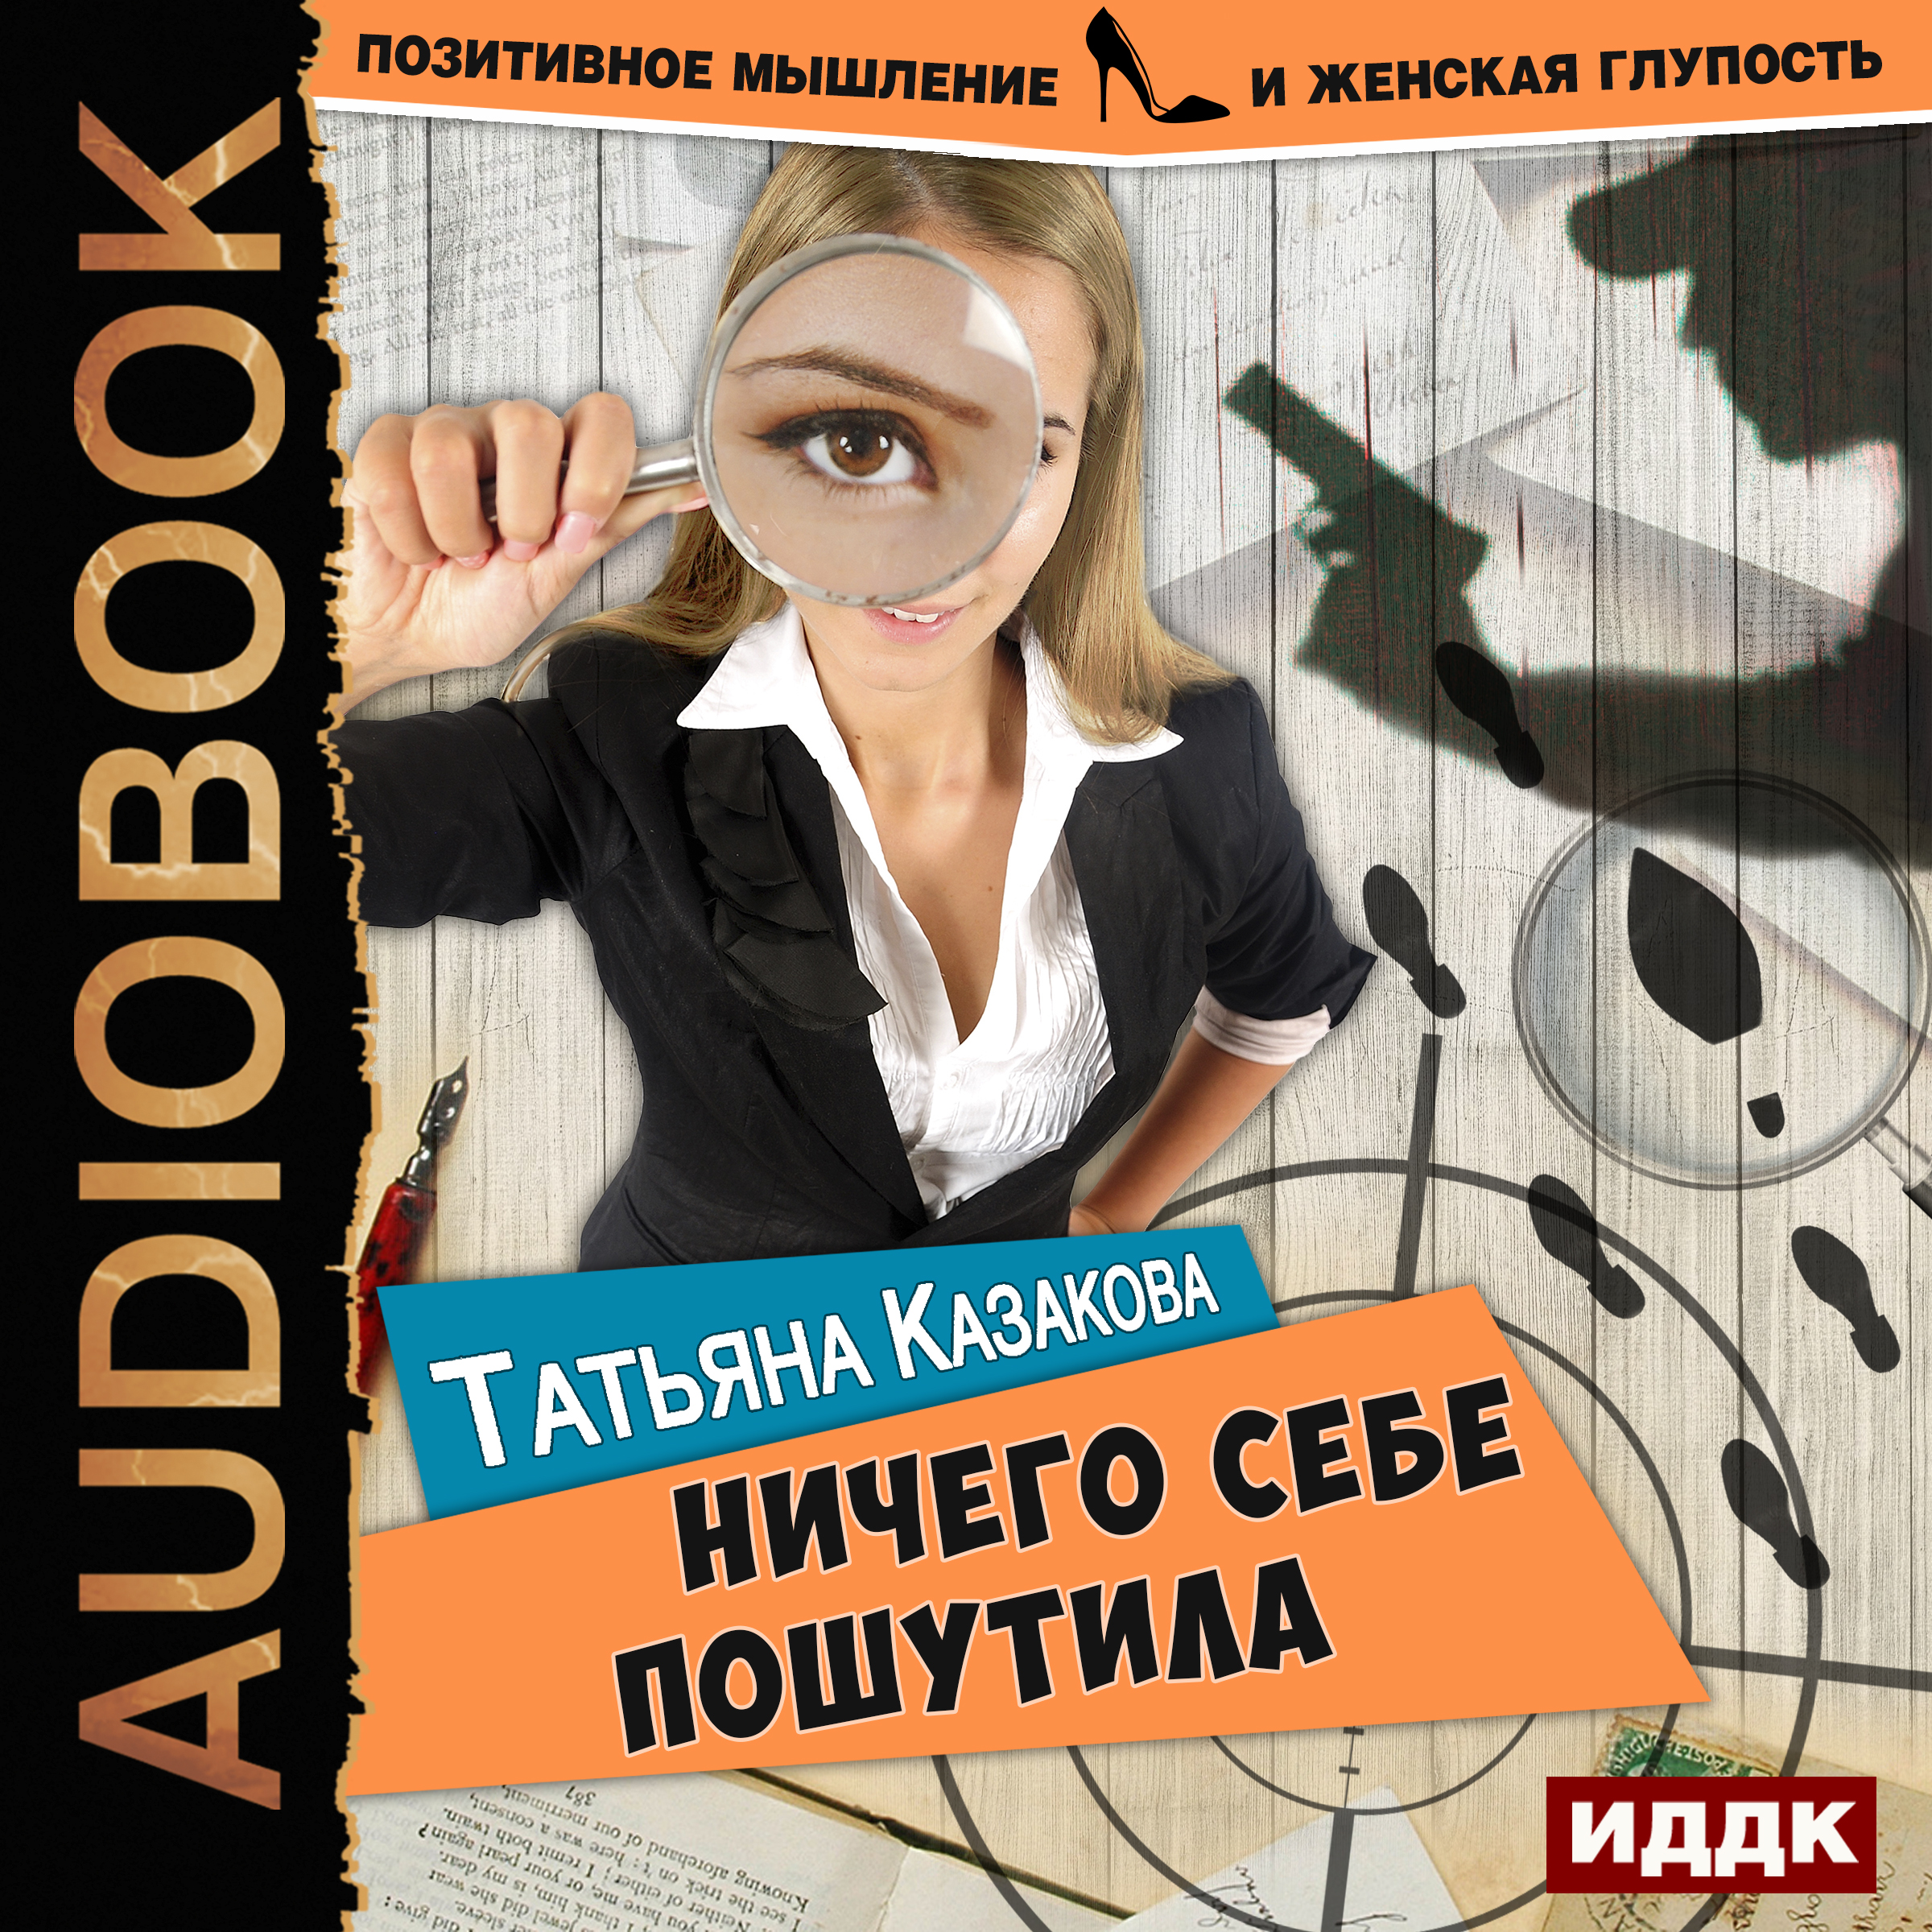 цены на Татьяна Казакова Ничего себе пошутила  в интернет-магазинах